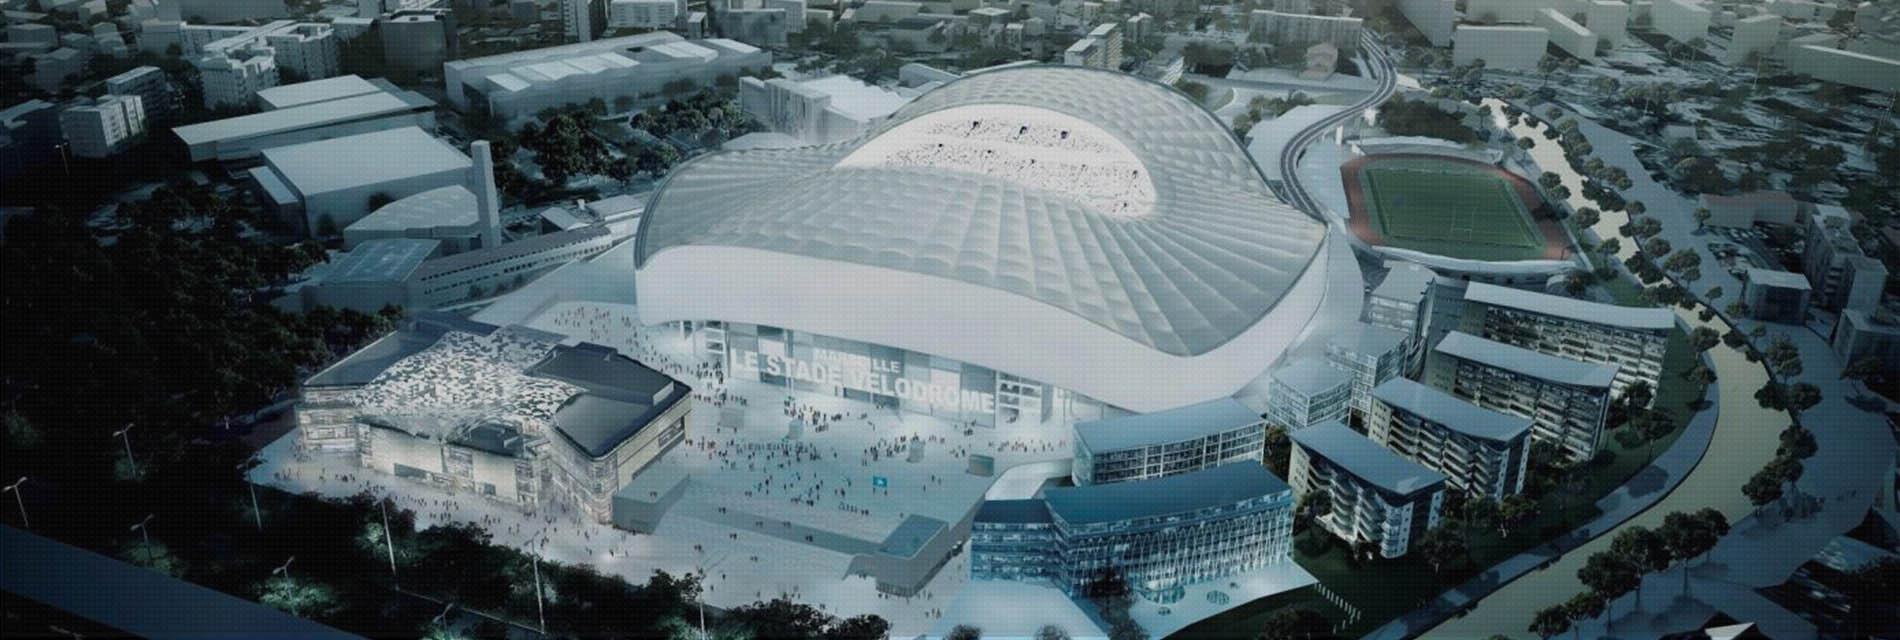 Votre transport vers ou depuis le stade Vélodrome